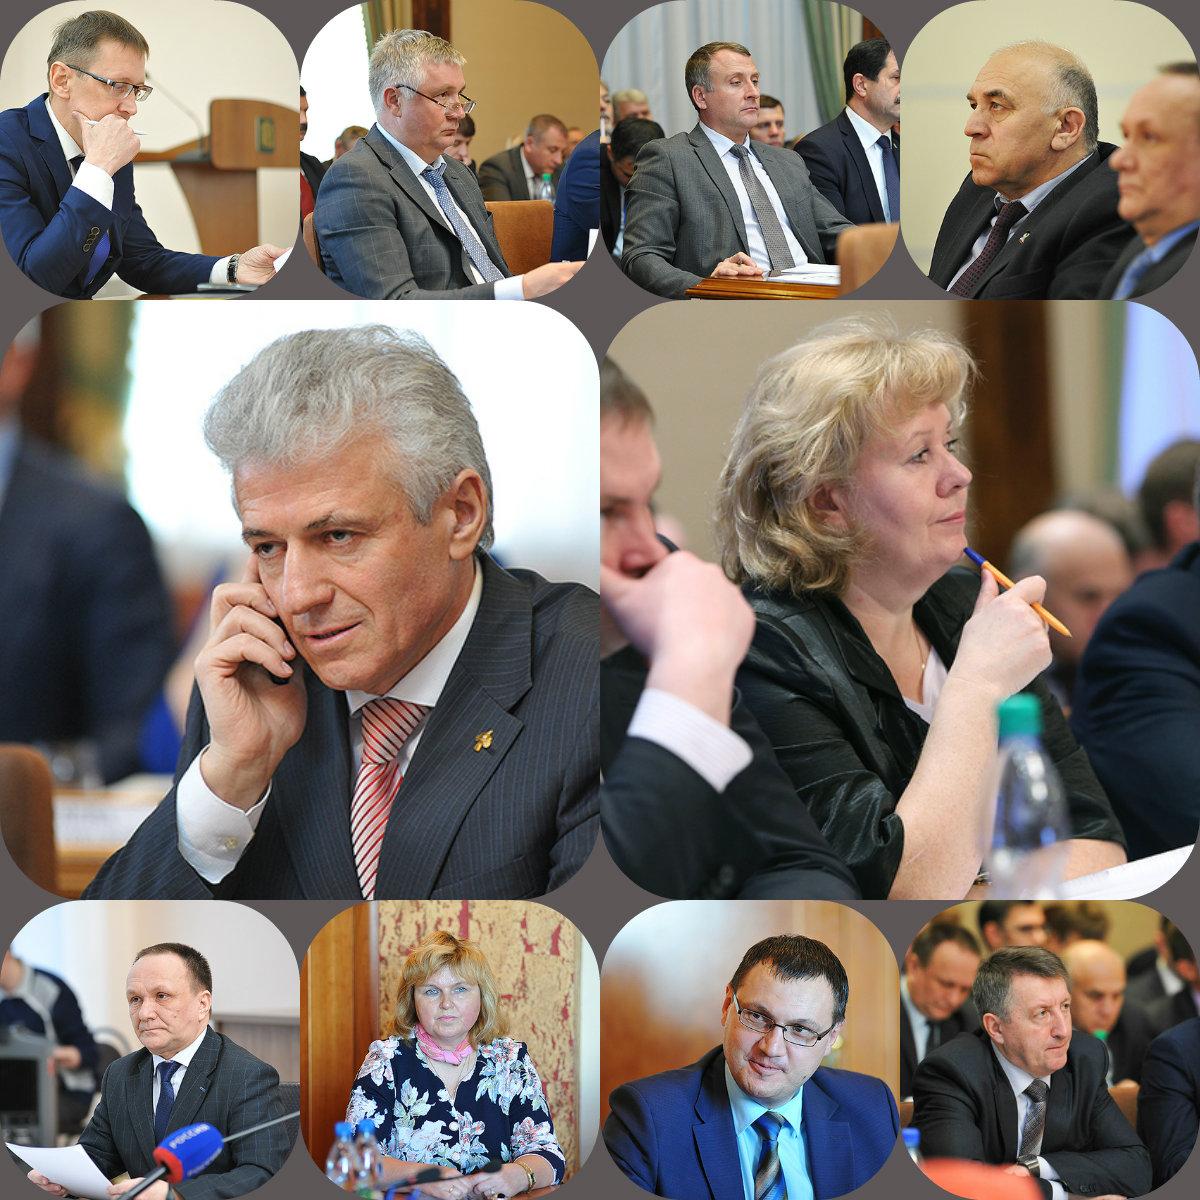 Самым богатым среди руководителей сельских районов Коми стал Василий Гончаренко